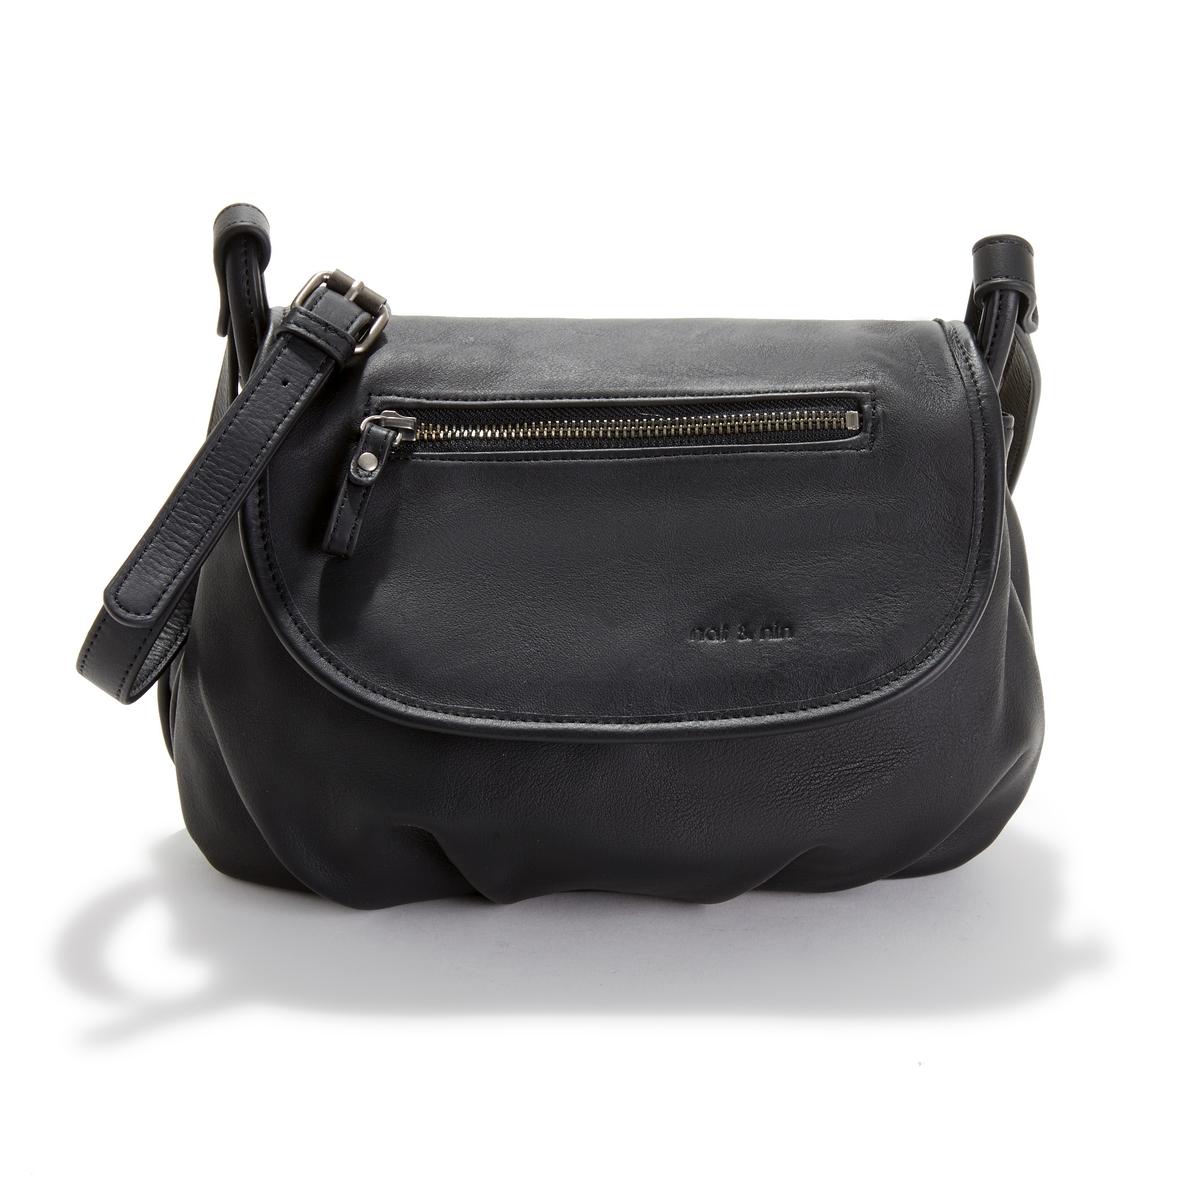 Сумка La Redoute Кожаная с клапаном JEN единый размер черный сумка la redoute кожаная маленькая с клапаном с вышивкой uni розовый